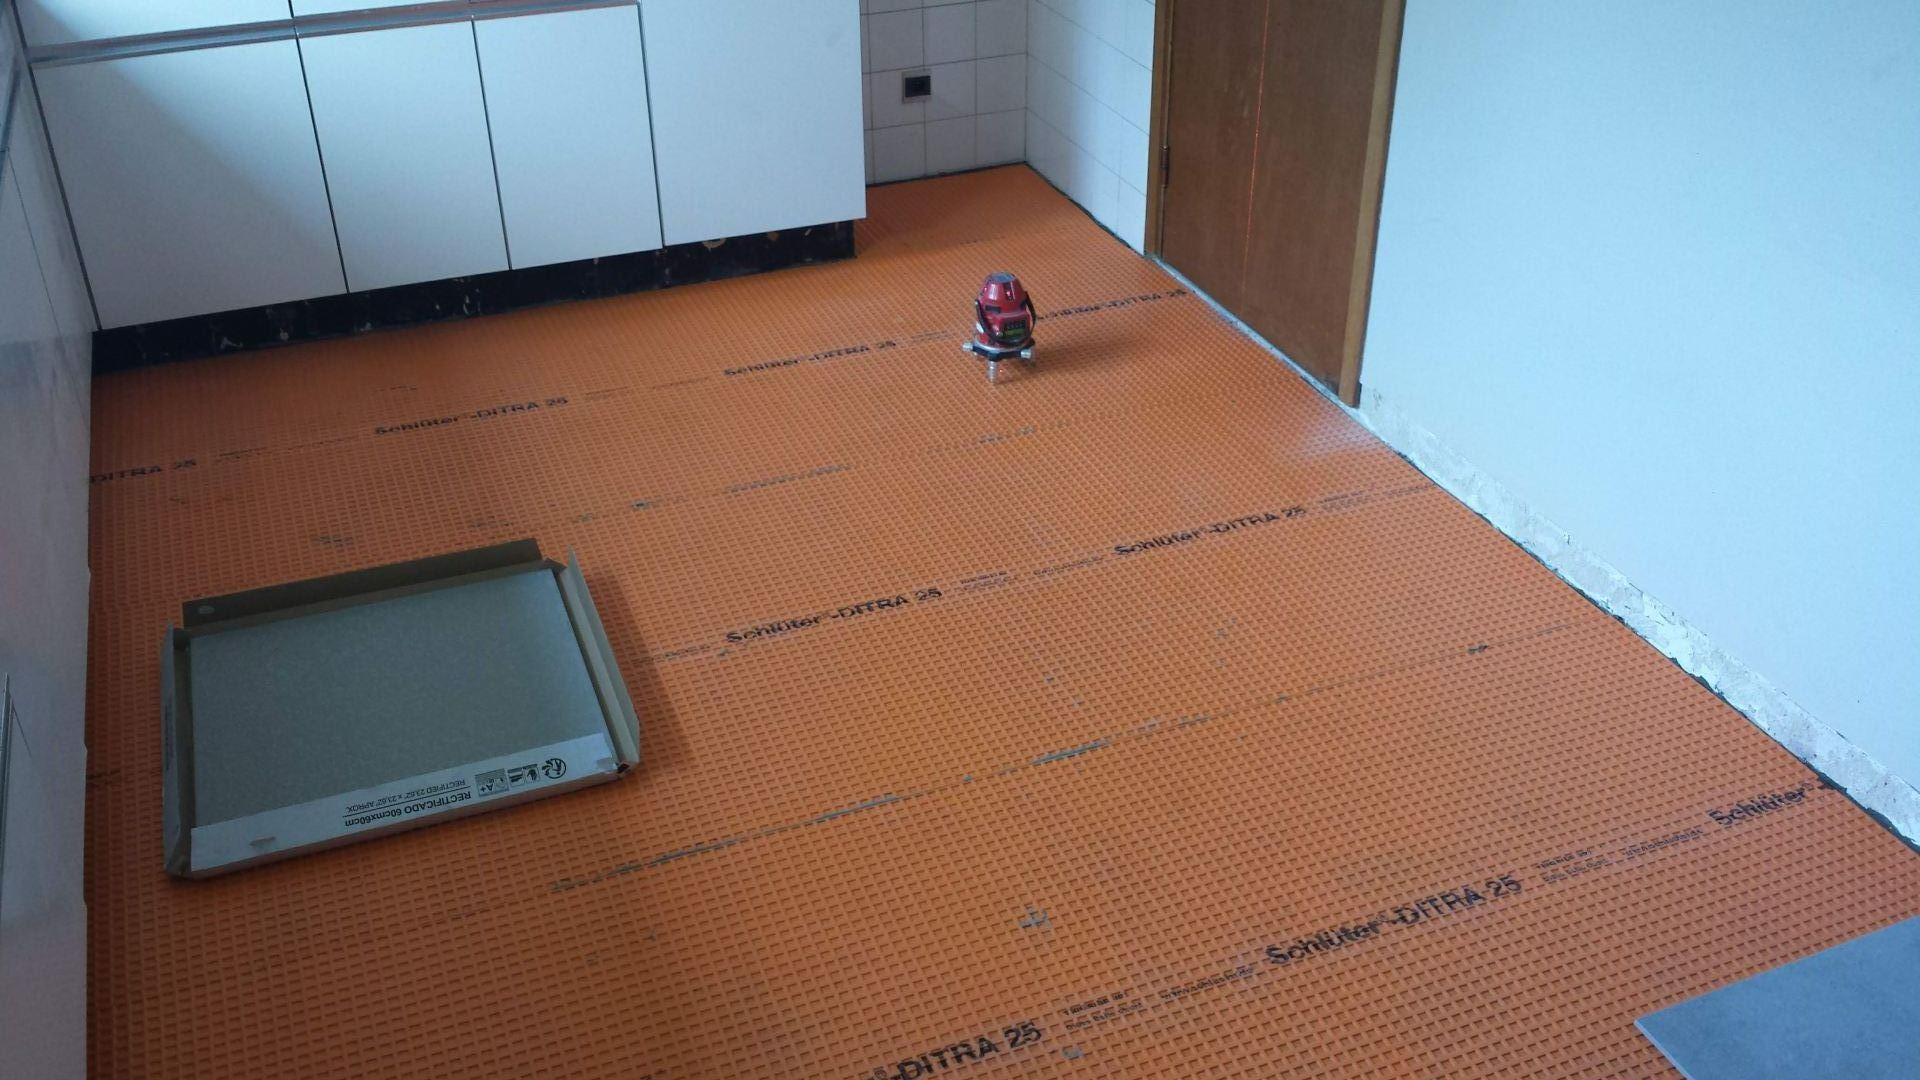 Vloer In Keuken : Vloer plaatsen in keuken te beveren. de klussenier frankie coppens